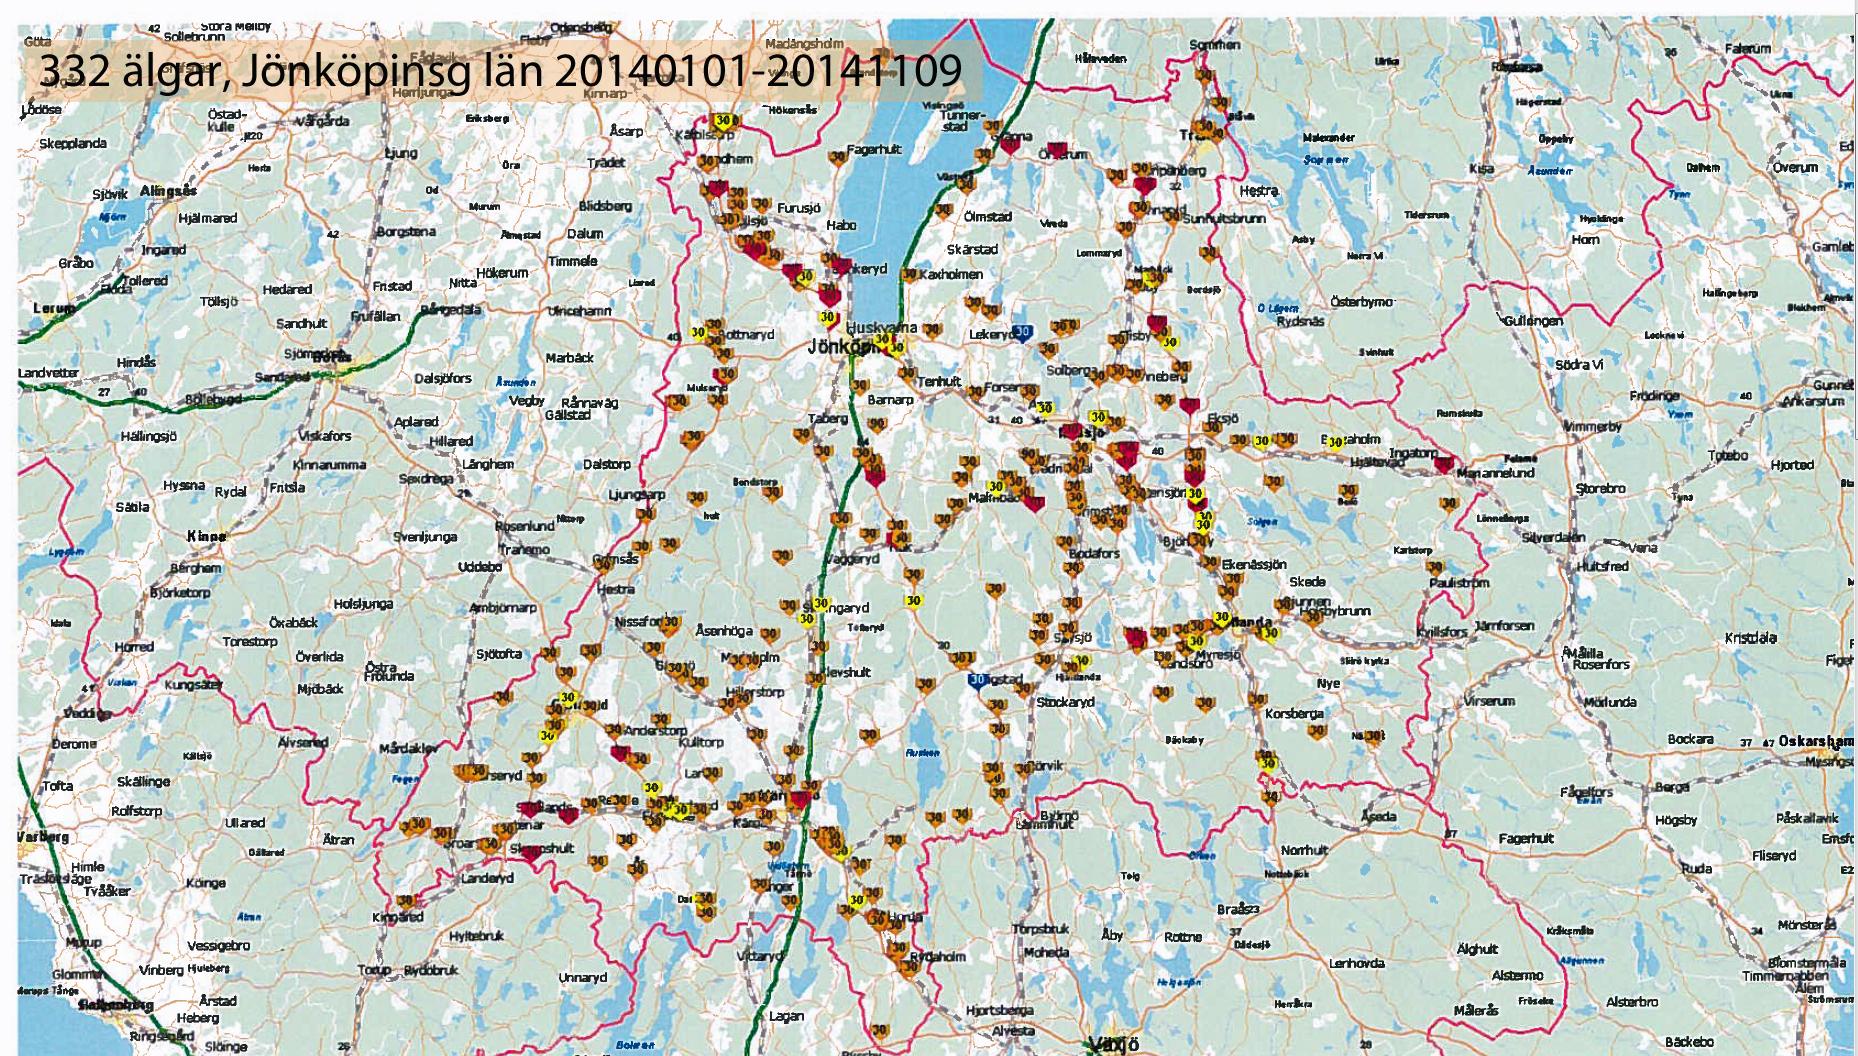 karta jönköpings län Polisens prognos: Över 200 fler viltolyckor i år   P4 Jönköping  karta jönköpings län